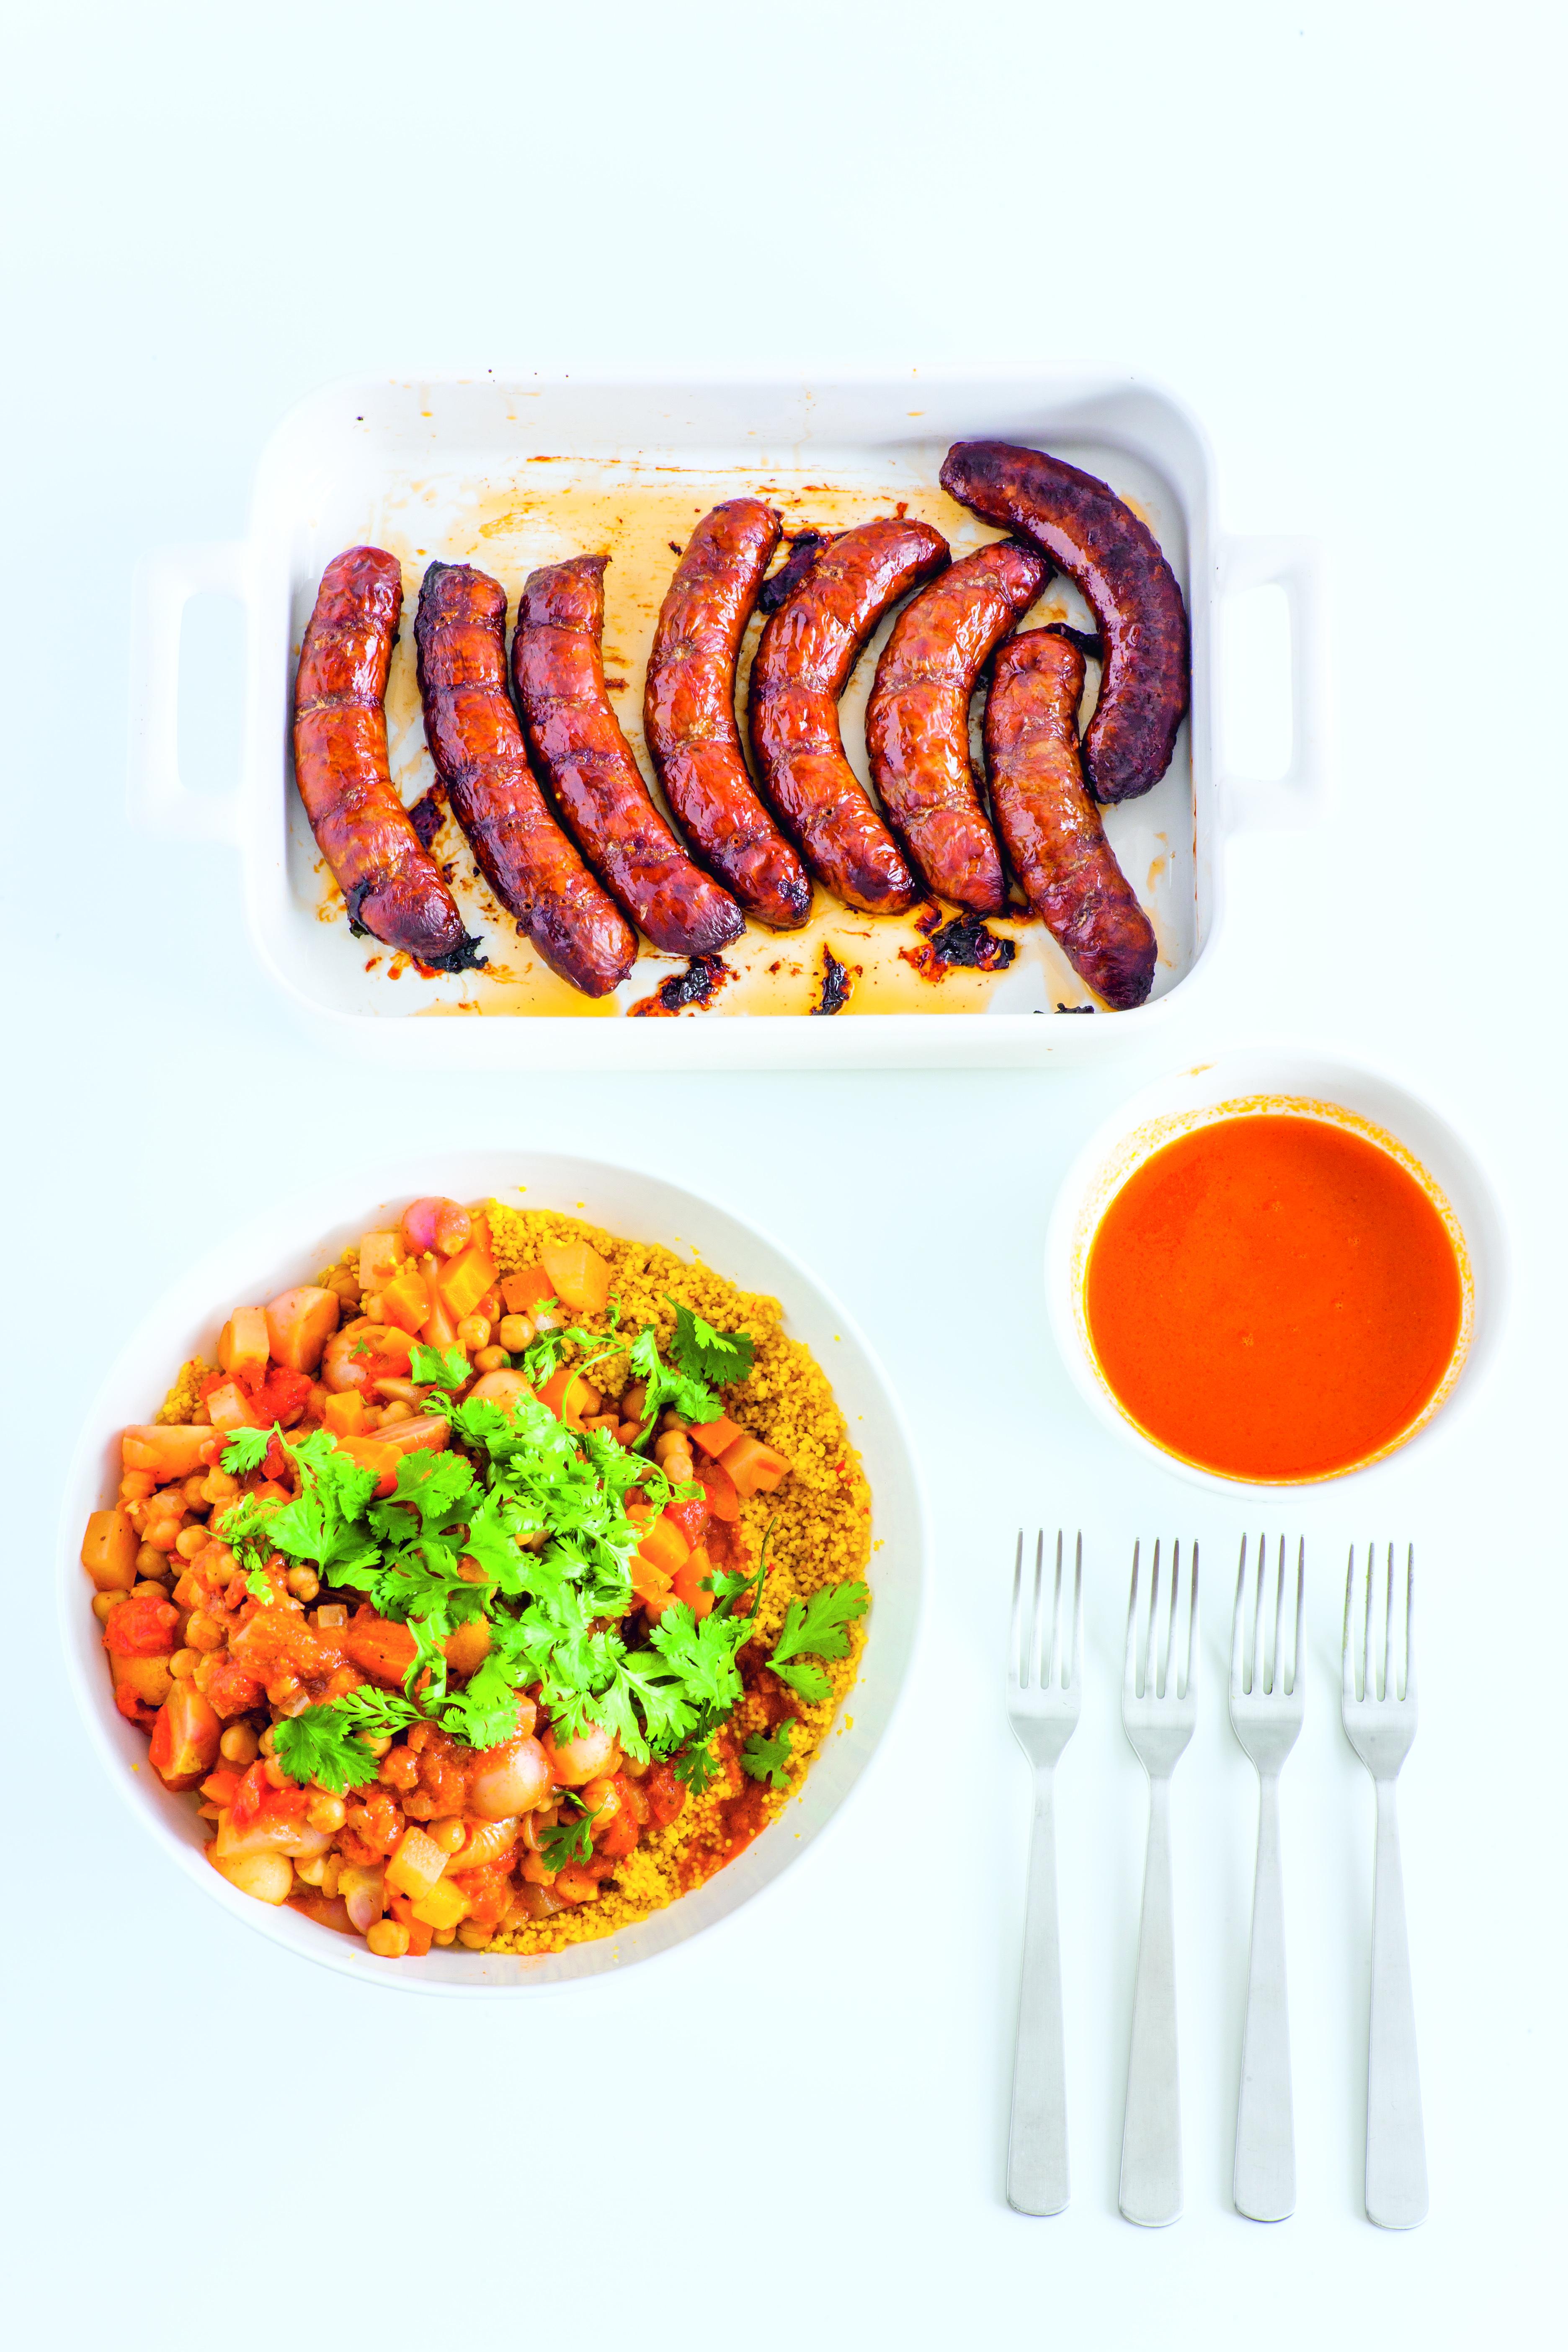 Gemüse-Couscous, Merguez aus dem Buch Sunday Meal Prep